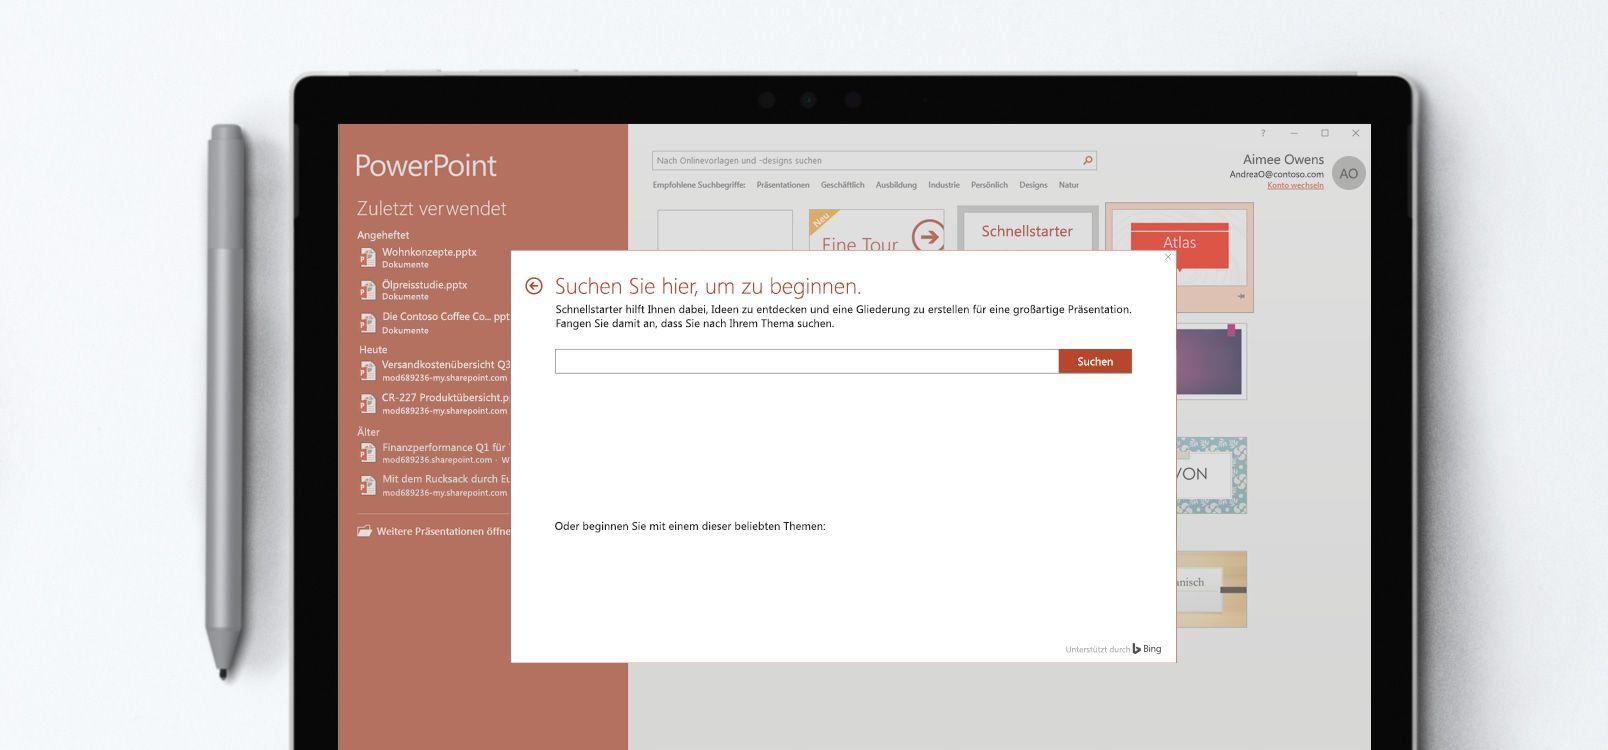 Tabletbildschirm, auf dem ein PowerPoint-Dokument mit der Schnellstarter-Funktion dargestellt wird